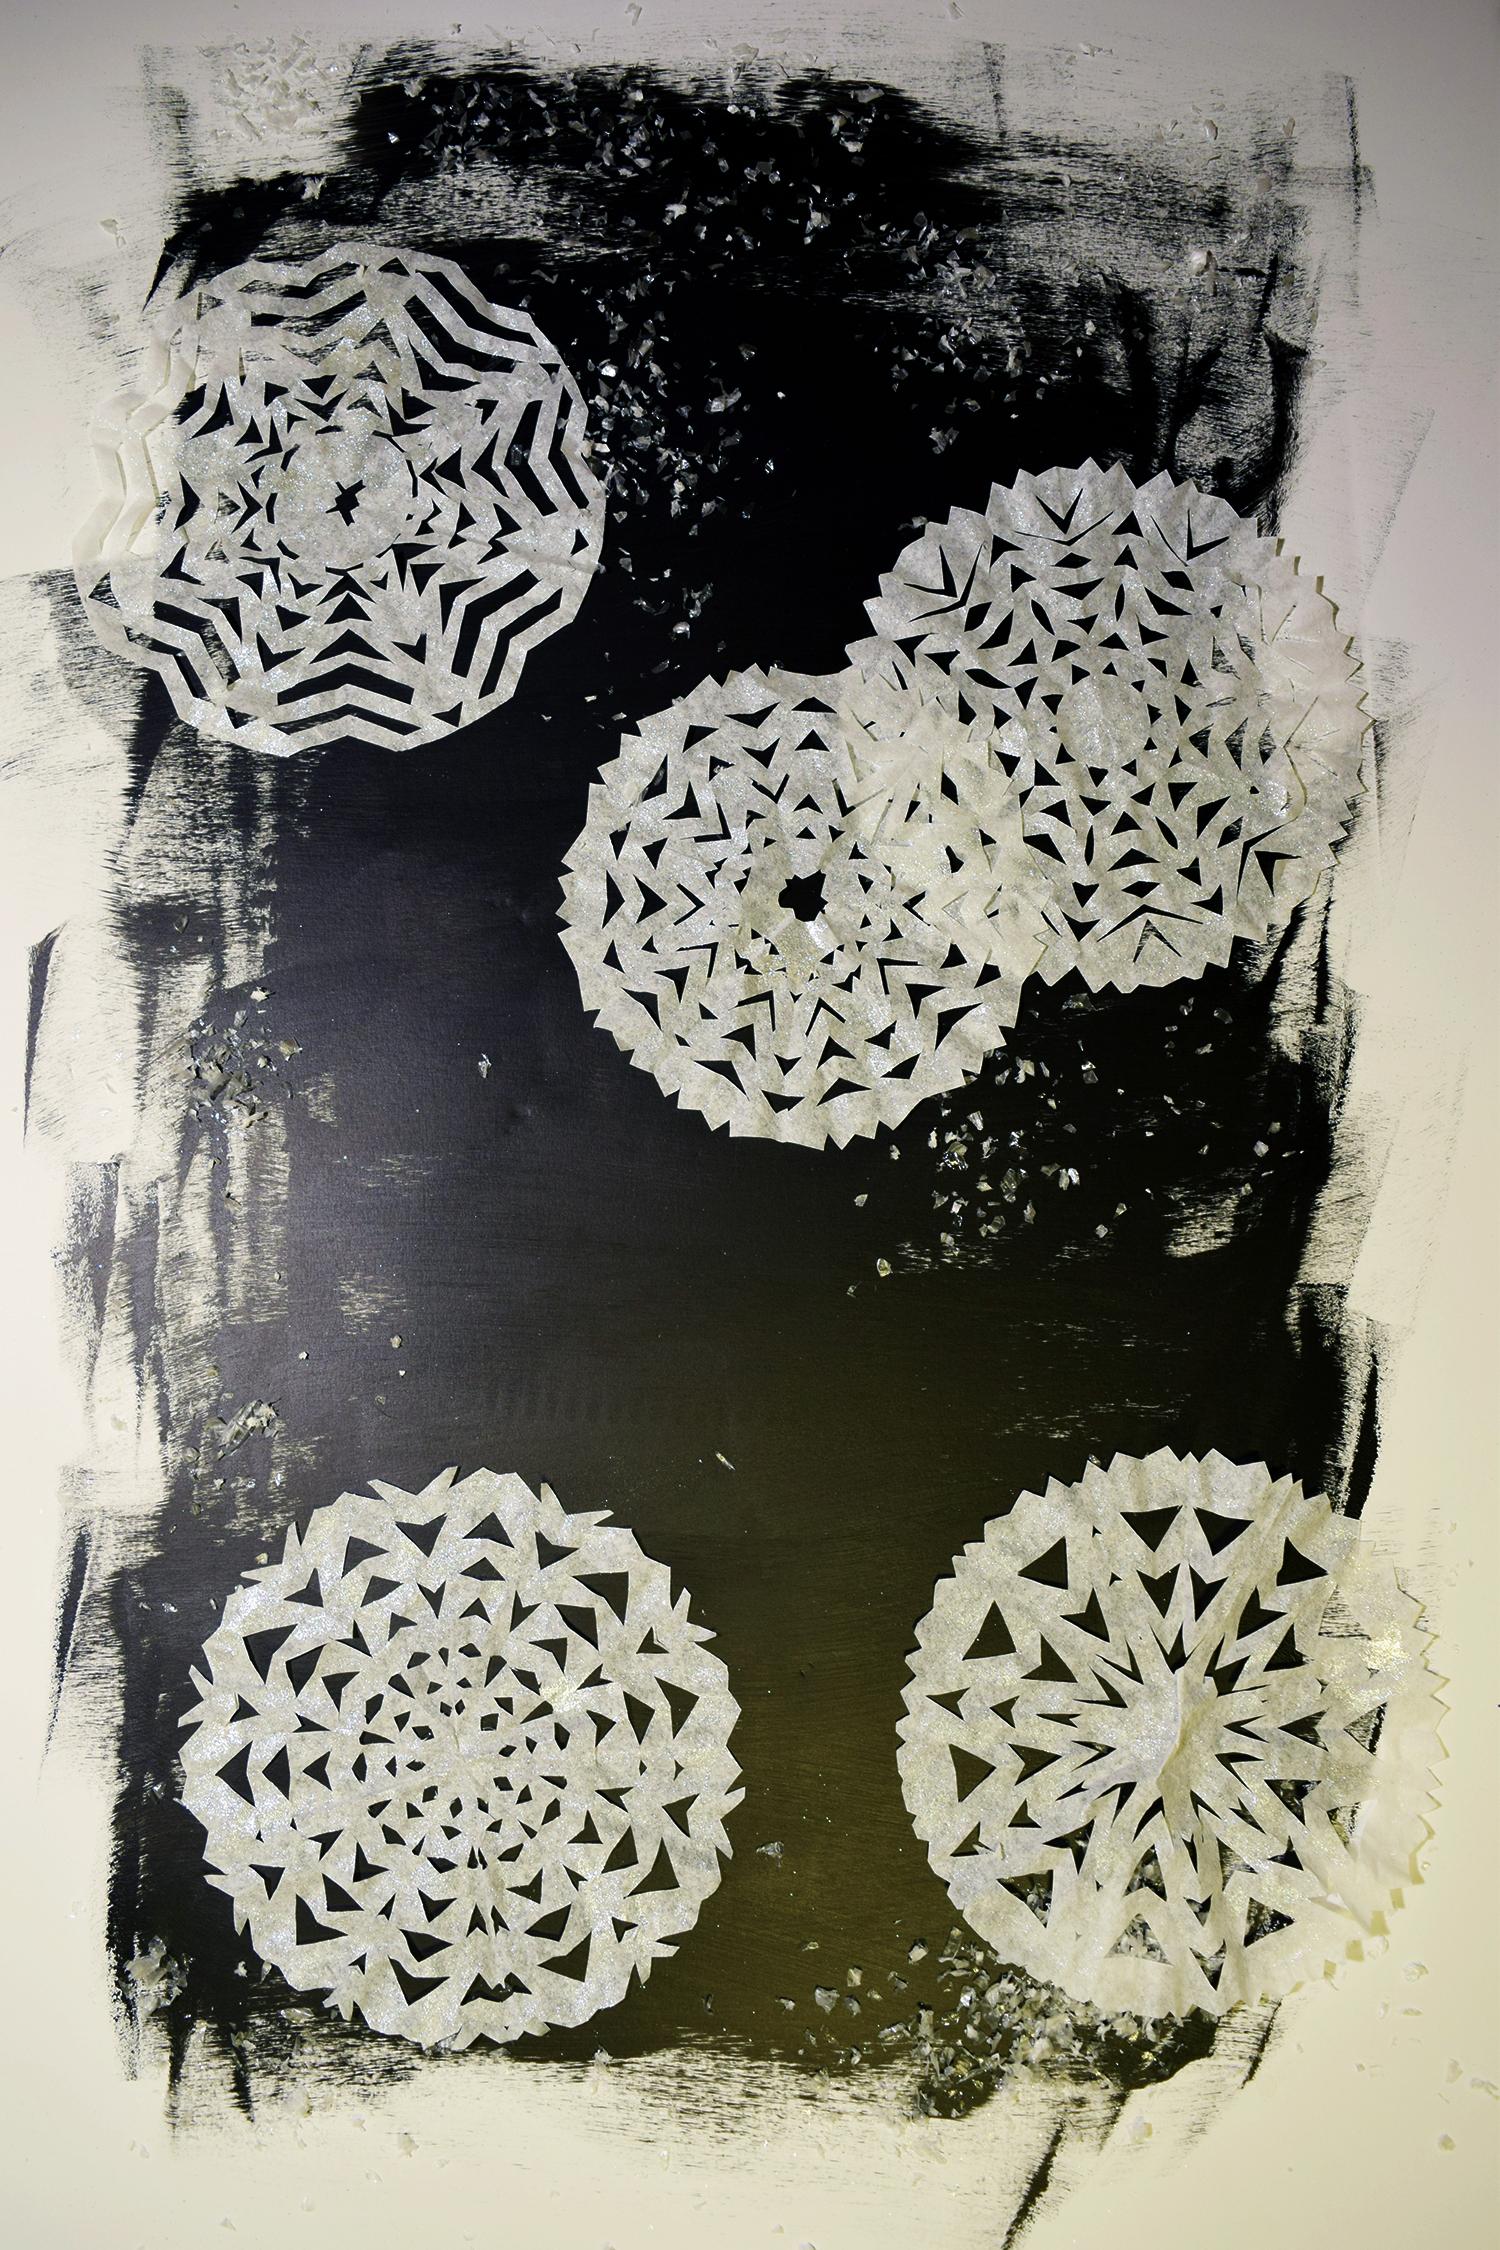 paper_snowflakes_1.jpg